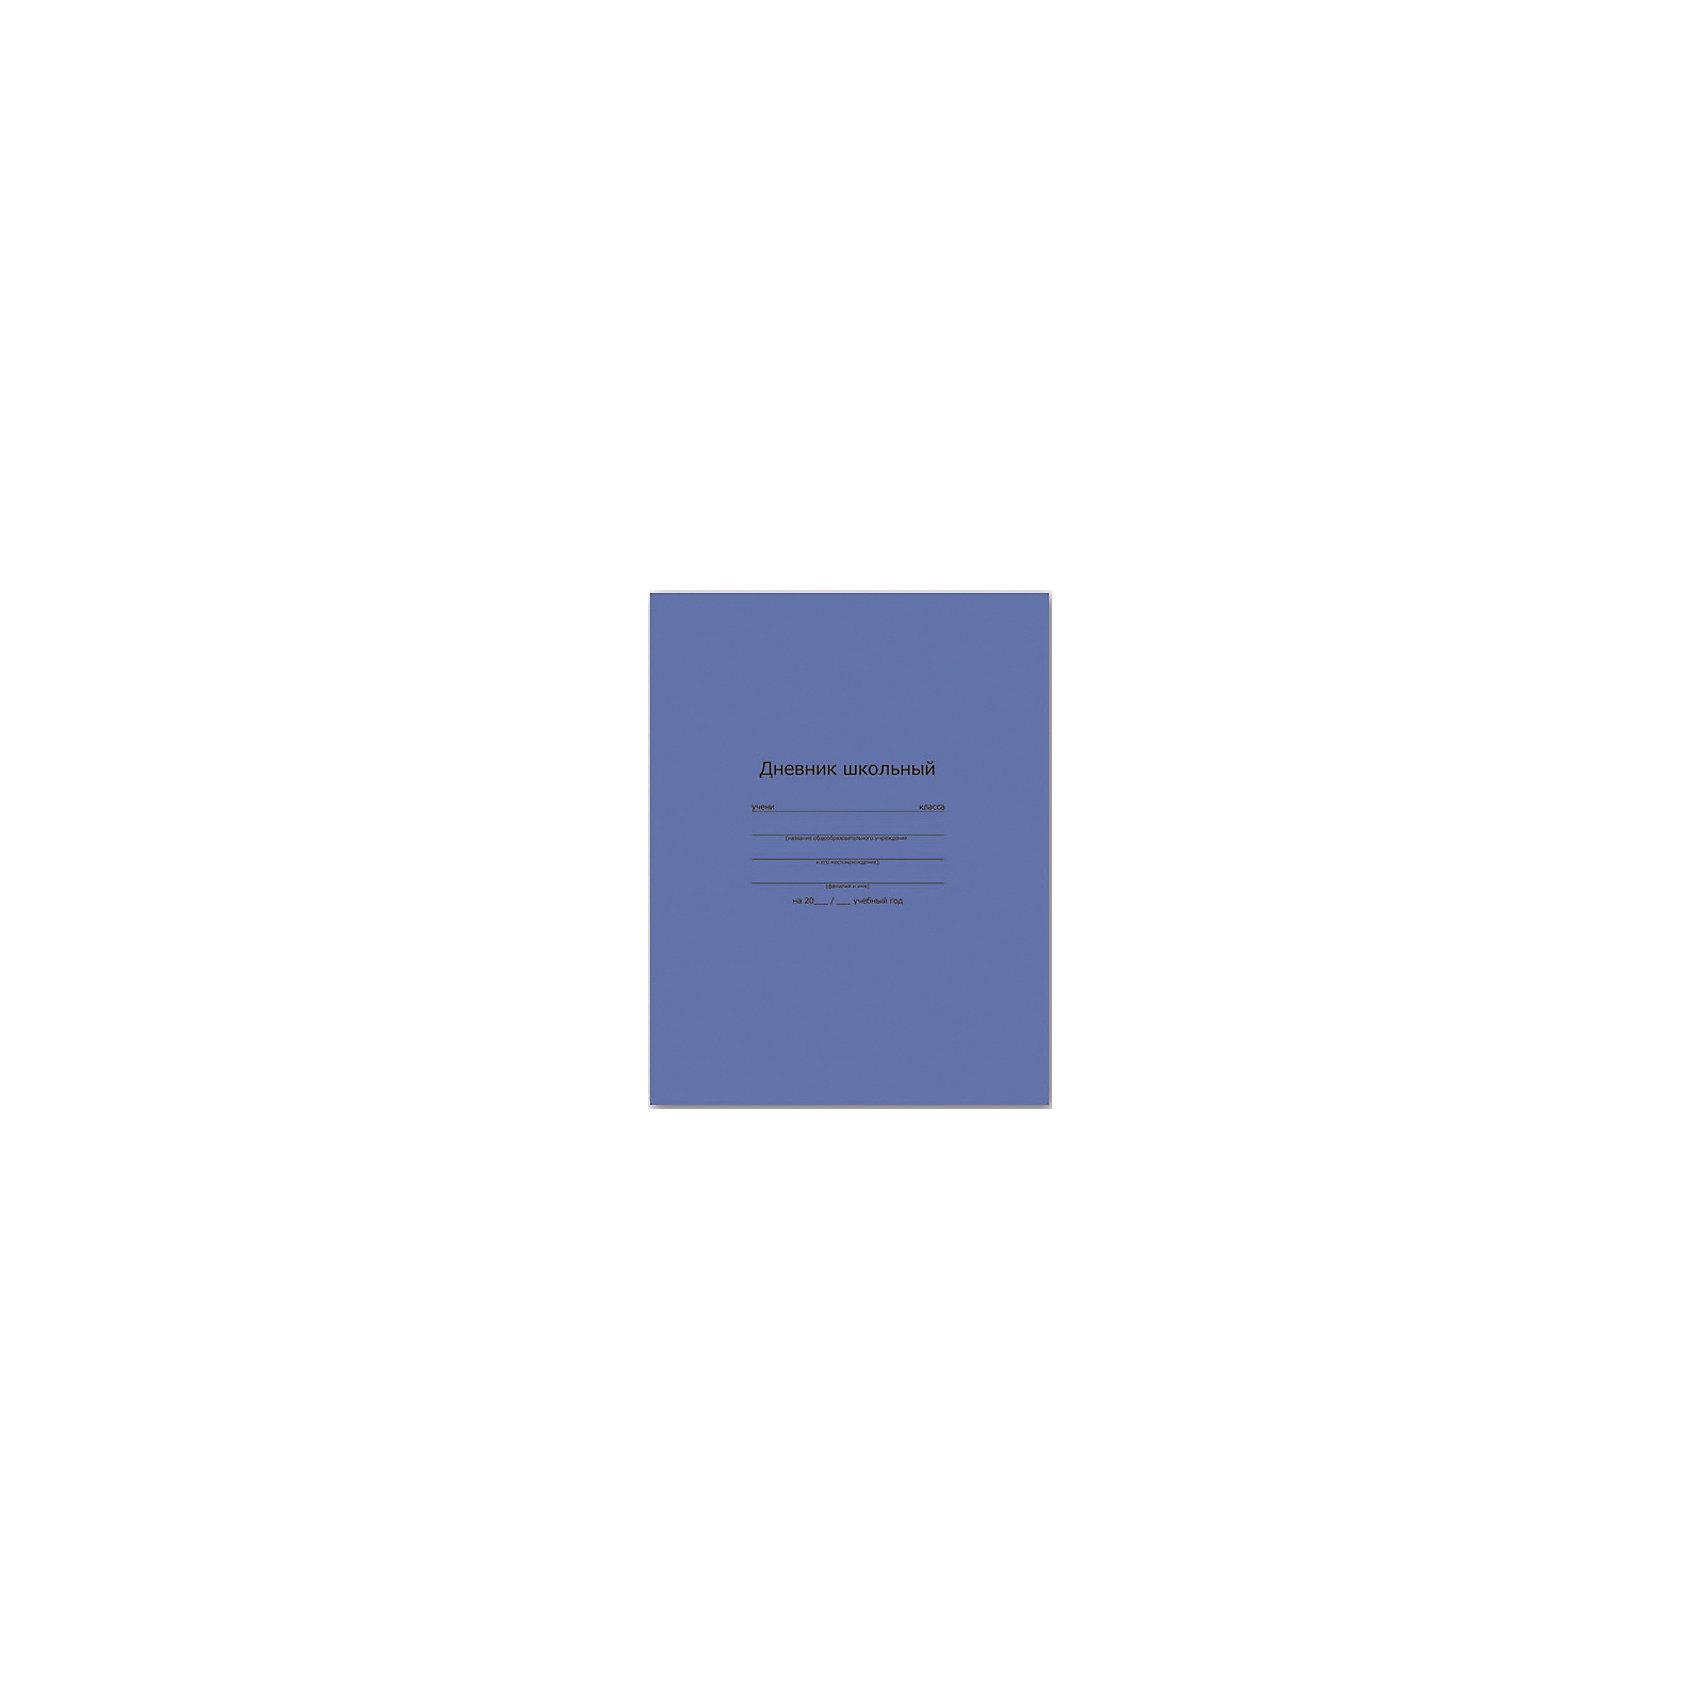 Дневник, синийБумажная продукция<br>Дневник нужен каждому школьнику. Занятия ребенка в школе всегда требуют приобретения атрибутов для учебы. Так пусть они будут стильными и качественными! Ведь учиться с ними - намного приятней.<br>Этот школьный дневник  - стандартного формата А5, универсального синего цвета. Обложка - из плотной глянцевой бумаги. Листы надежно скреплены. Изделие произведено из качественных и безопасных для ребенка материалов.<br><br>Дополнительная информация:<br><br>цвет: синий;<br>формат: А5;<br>материал: бумага.<br><br>Дневник, синий, можно купить в нашем магазине.<br><br>Ширина мм: 220<br>Глубина мм: 170<br>Высота мм: 5<br>Вес г: 120<br>Возраст от месяцев: 72<br>Возраст до месяцев: 192<br>Пол: Унисекс<br>Возраст: Детский<br>SKU: 4746182